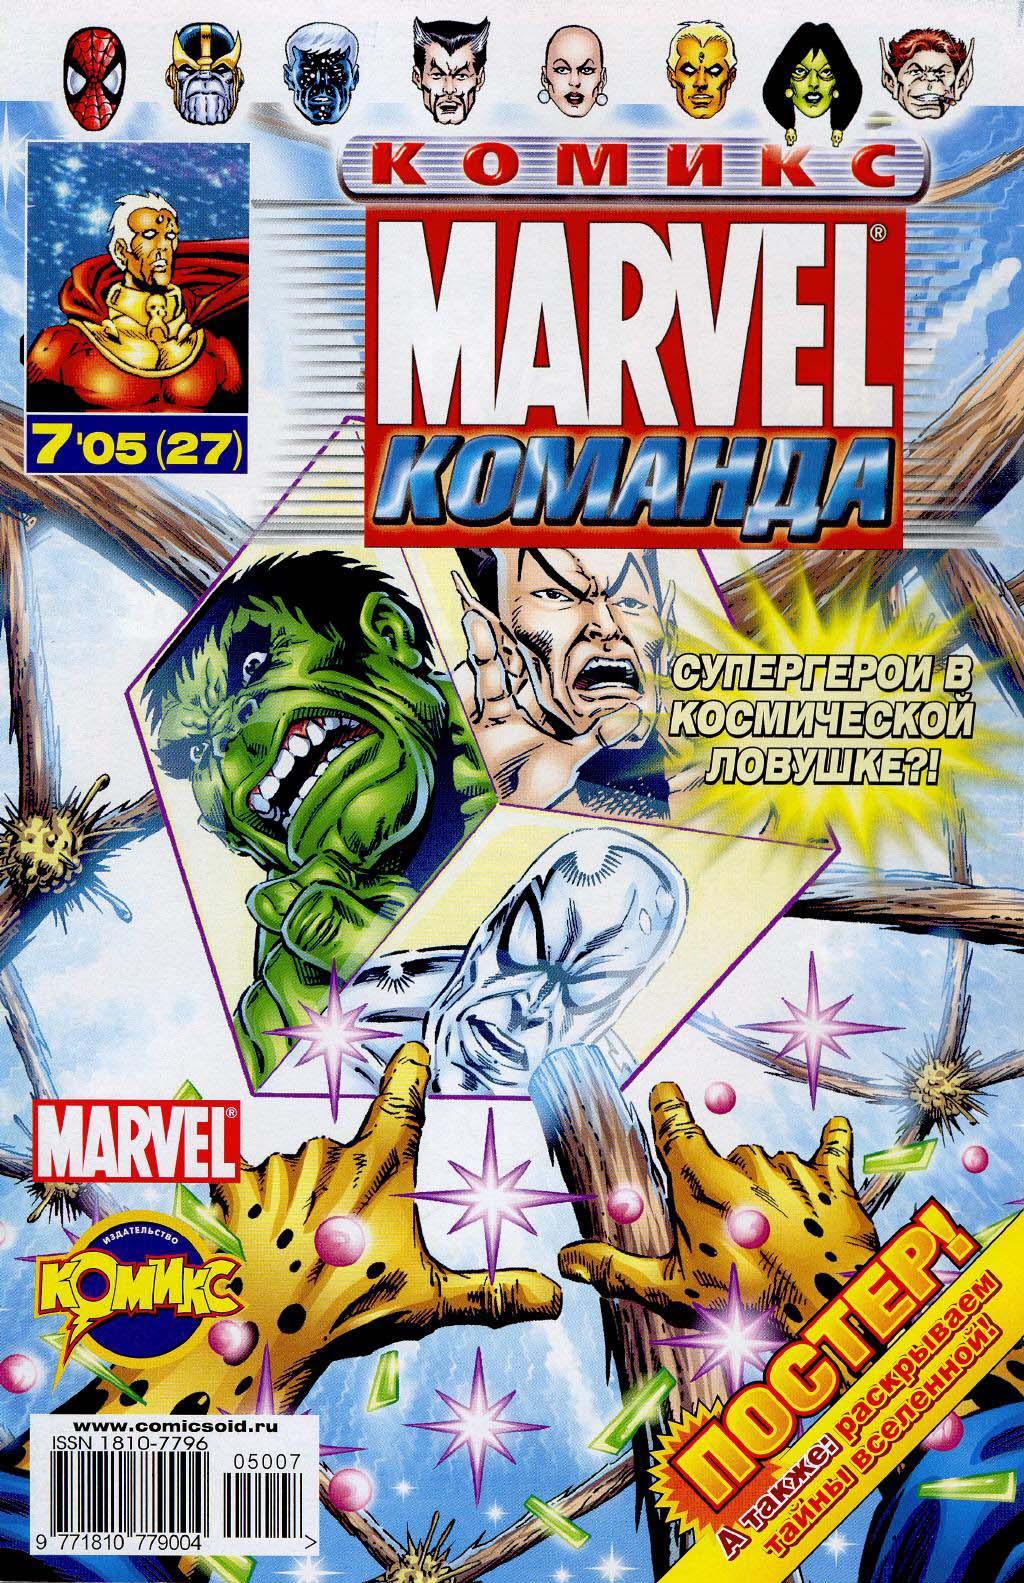 Комиксы Онлайн - Марвел Команда ИДК - # 3 - Страница №1 - Marvel Команда ИДК - Marvel Команда # 27